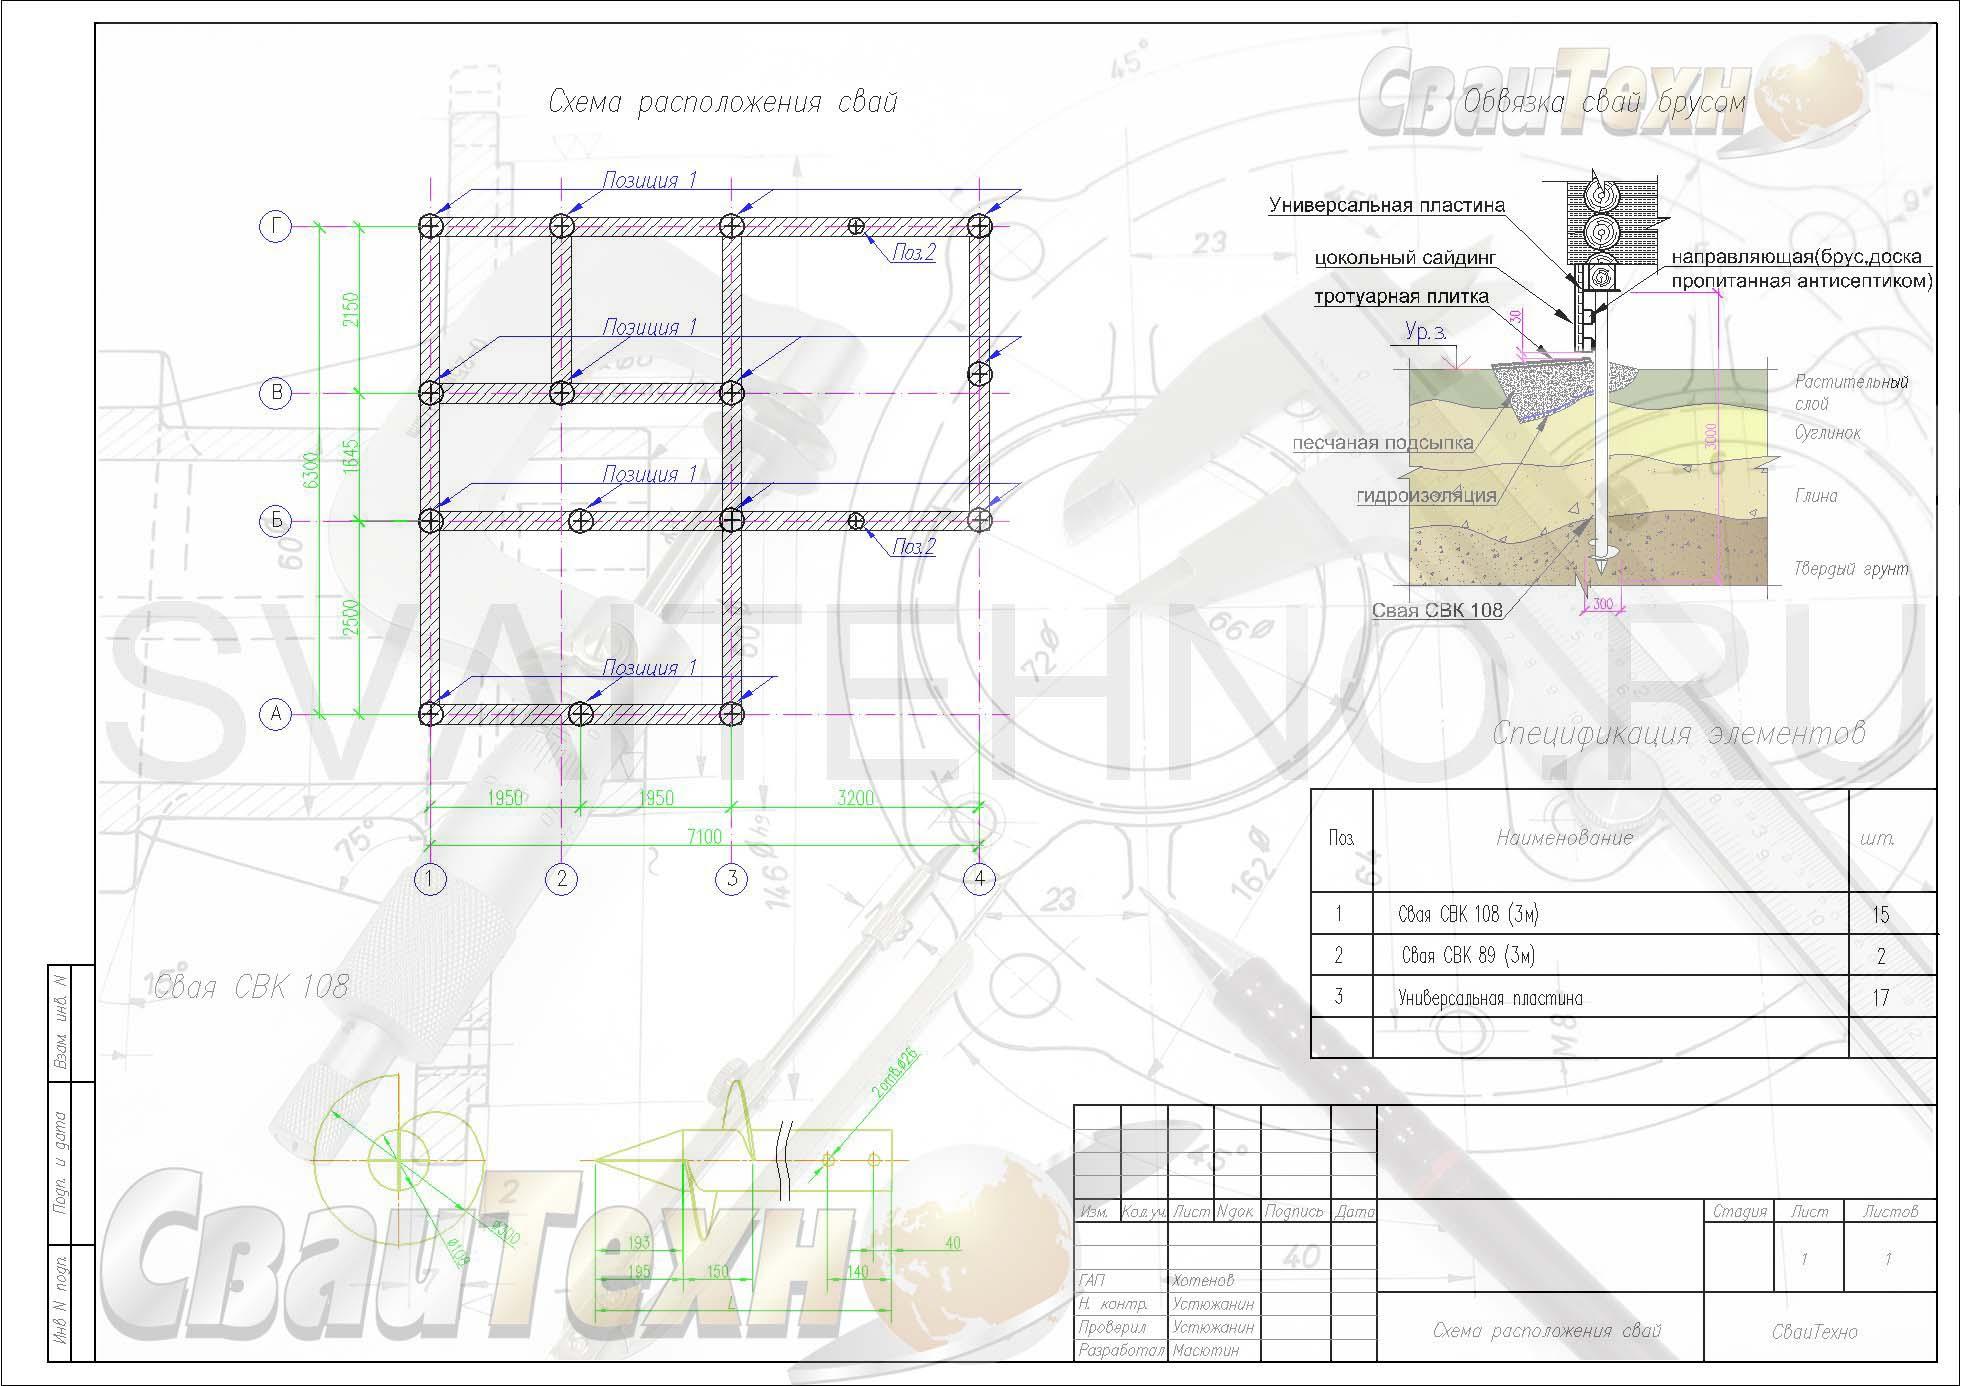 Схема расположения свай для строительства одноэтажного жилого дома из бруса